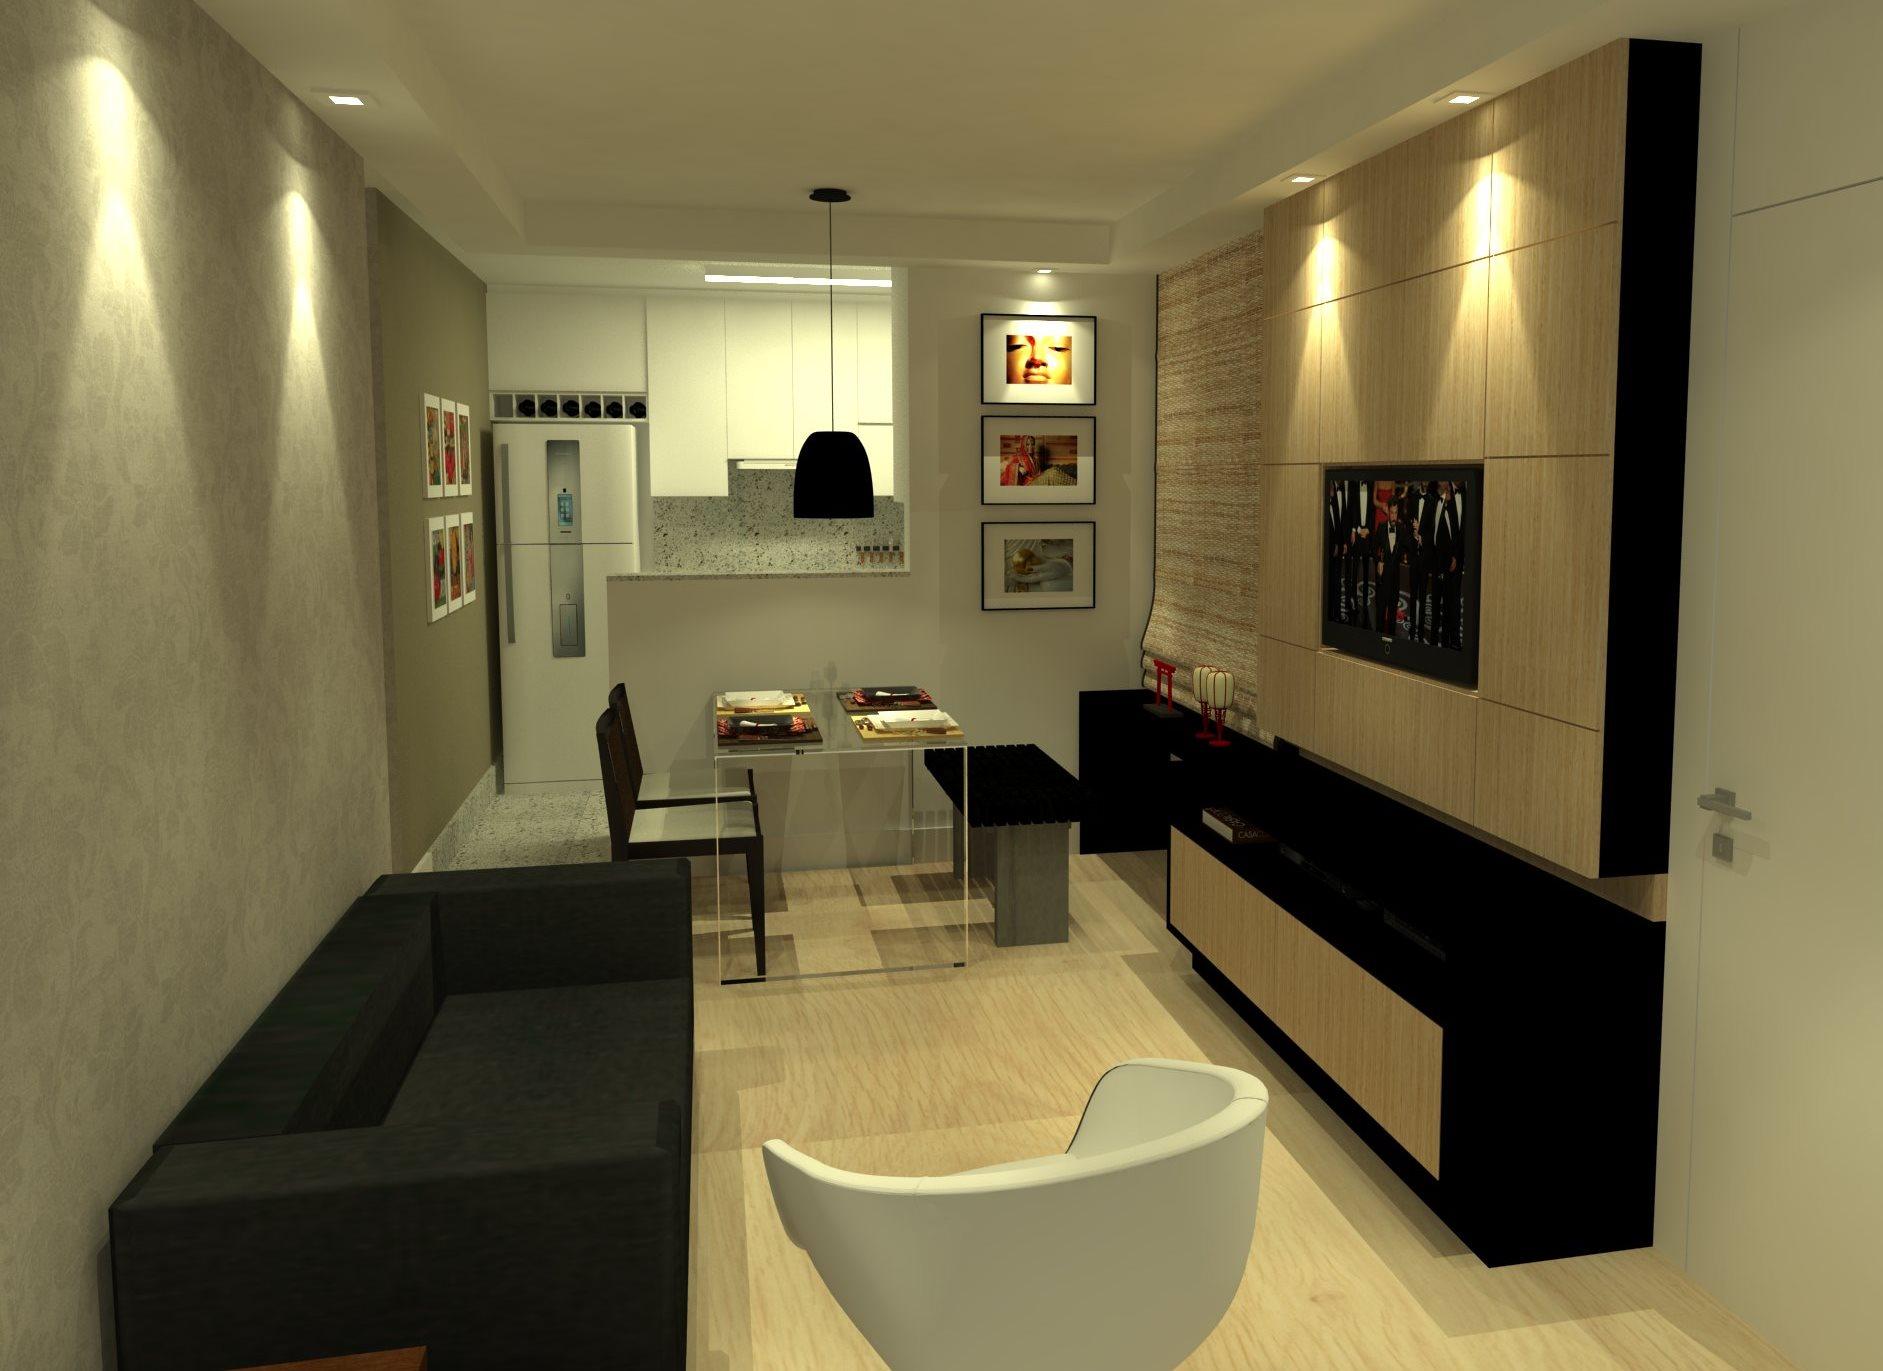 Cozinha E Sala De Jantar No Mesmo Ambiente Sala De Jantar Com Mesa  -> Sala E Cozinha Mesmo Ambiente